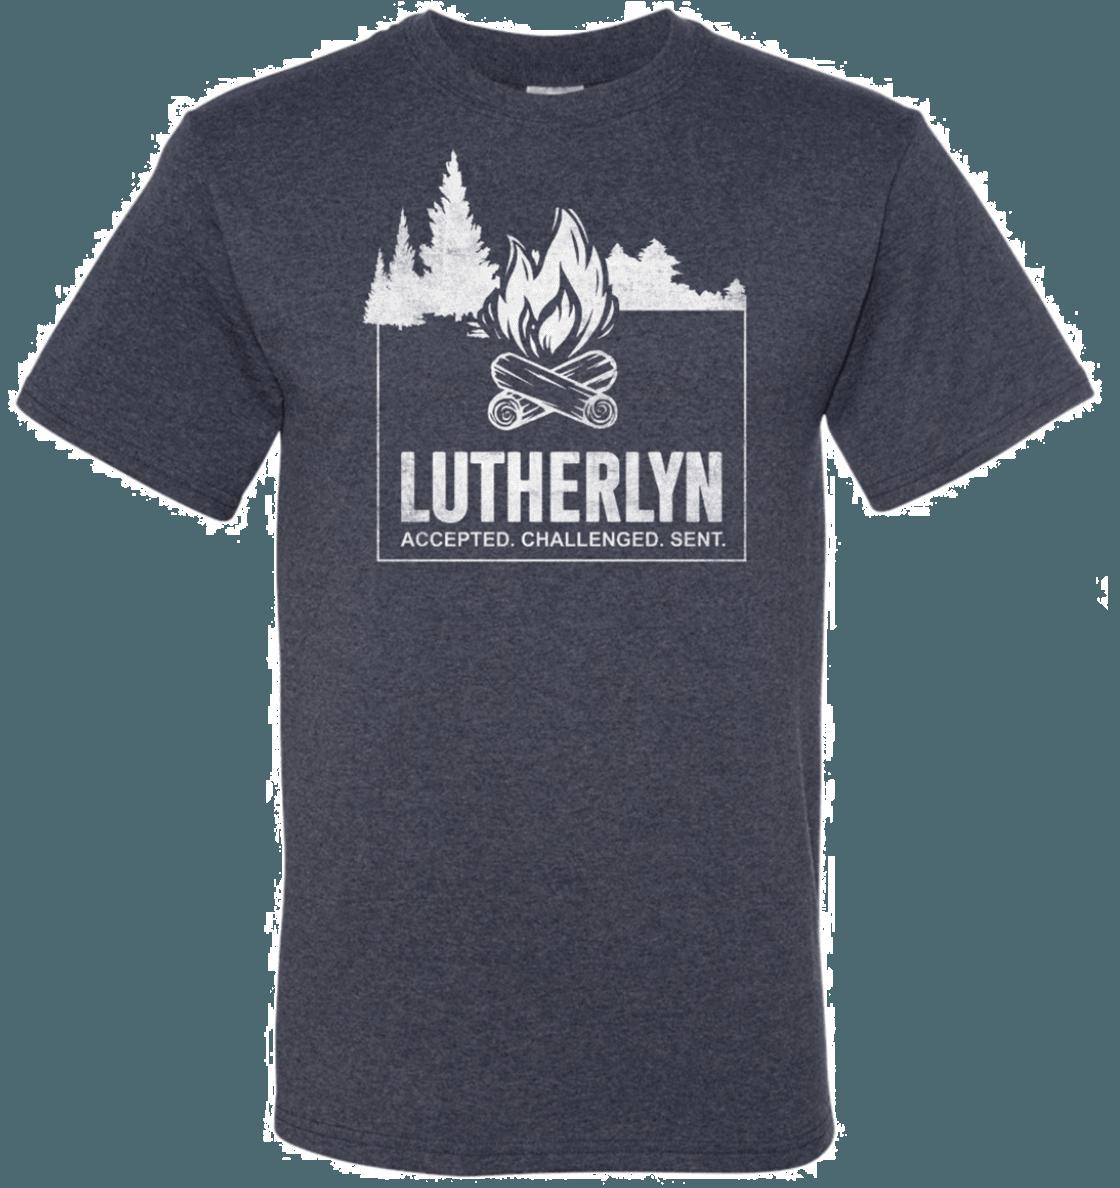 T-Shirt ($20)